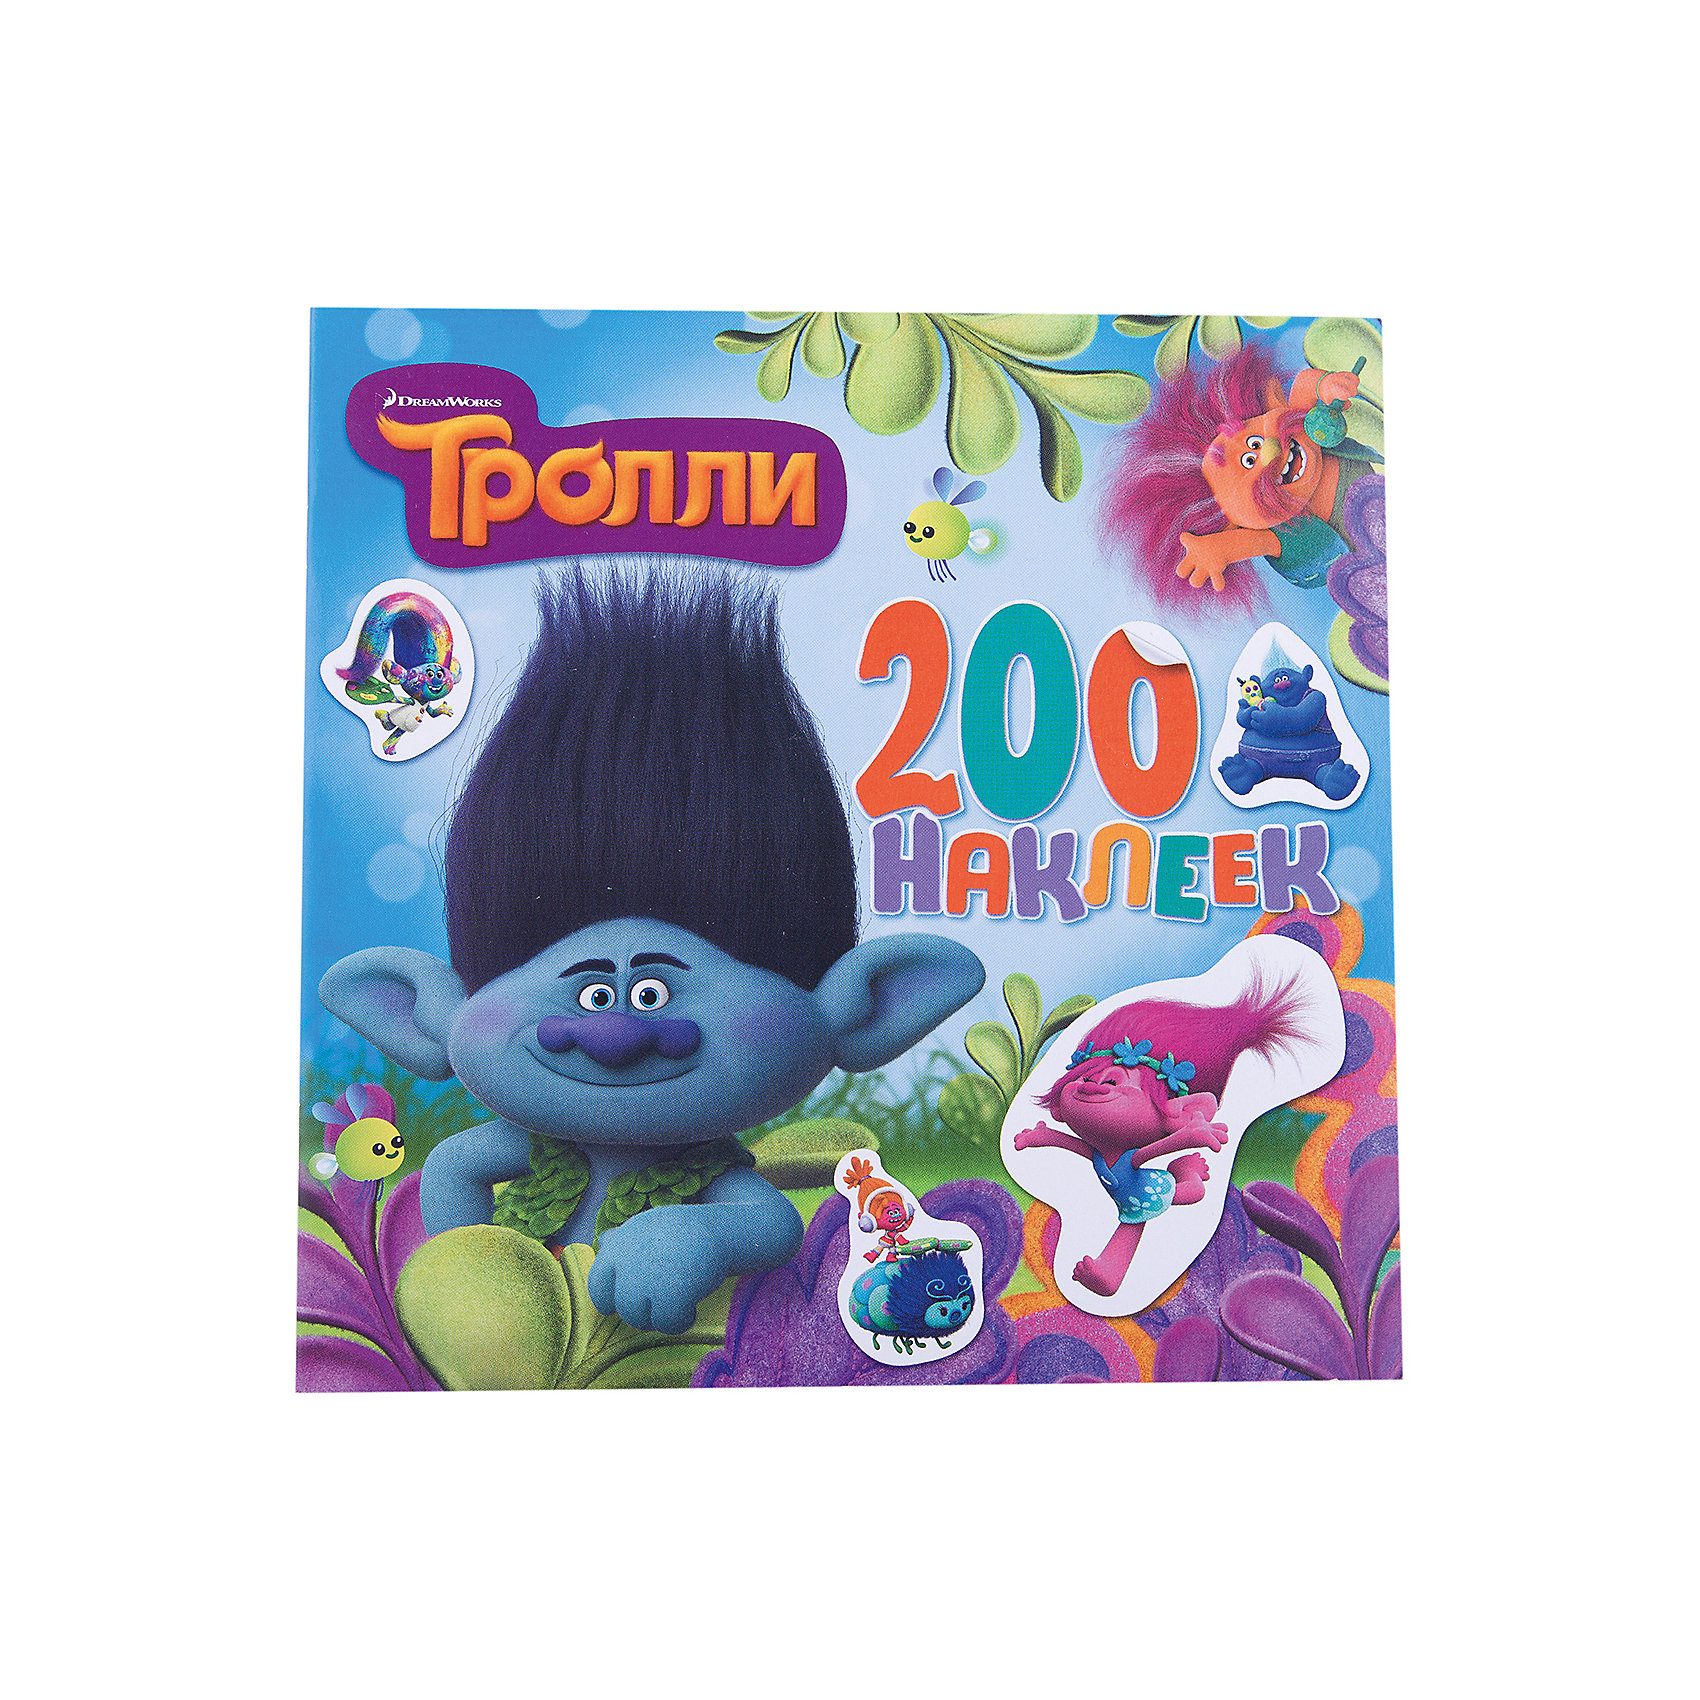 Альбом с наклейками, цвет голубой, ТроллиКнижки с наклейками<br>200 ярких наклеек с любимыми персонажами! Отправляйтся в путешествие с Розочкой и Цветаном, чтобы выручить их друзей-троллей из беды!<br><br>Ширина мм: 207<br>Глубина мм: 210<br>Высота мм: 160<br>Вес г: 55<br>Возраст от месяцев: 48<br>Возраст до месяцев: 72<br>Пол: Унисекс<br>Возраст: Детский<br>SKU: 6848393